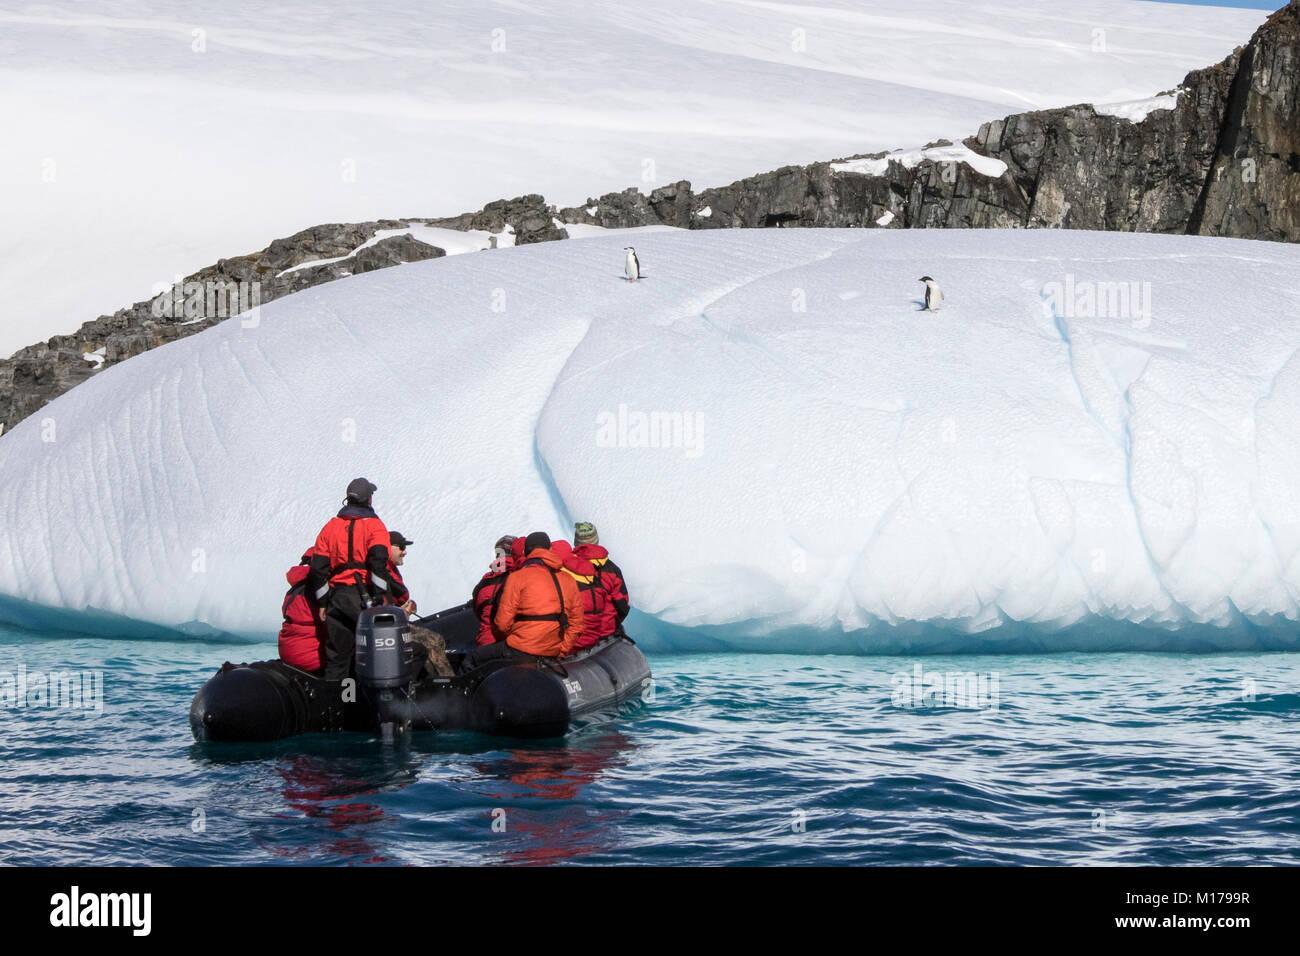 Kreuzfahrtschiff Antarktis Expedition mit Touristen in Zodiac anzeigen antarktische Landschaft, und die Antarktis Stockbild